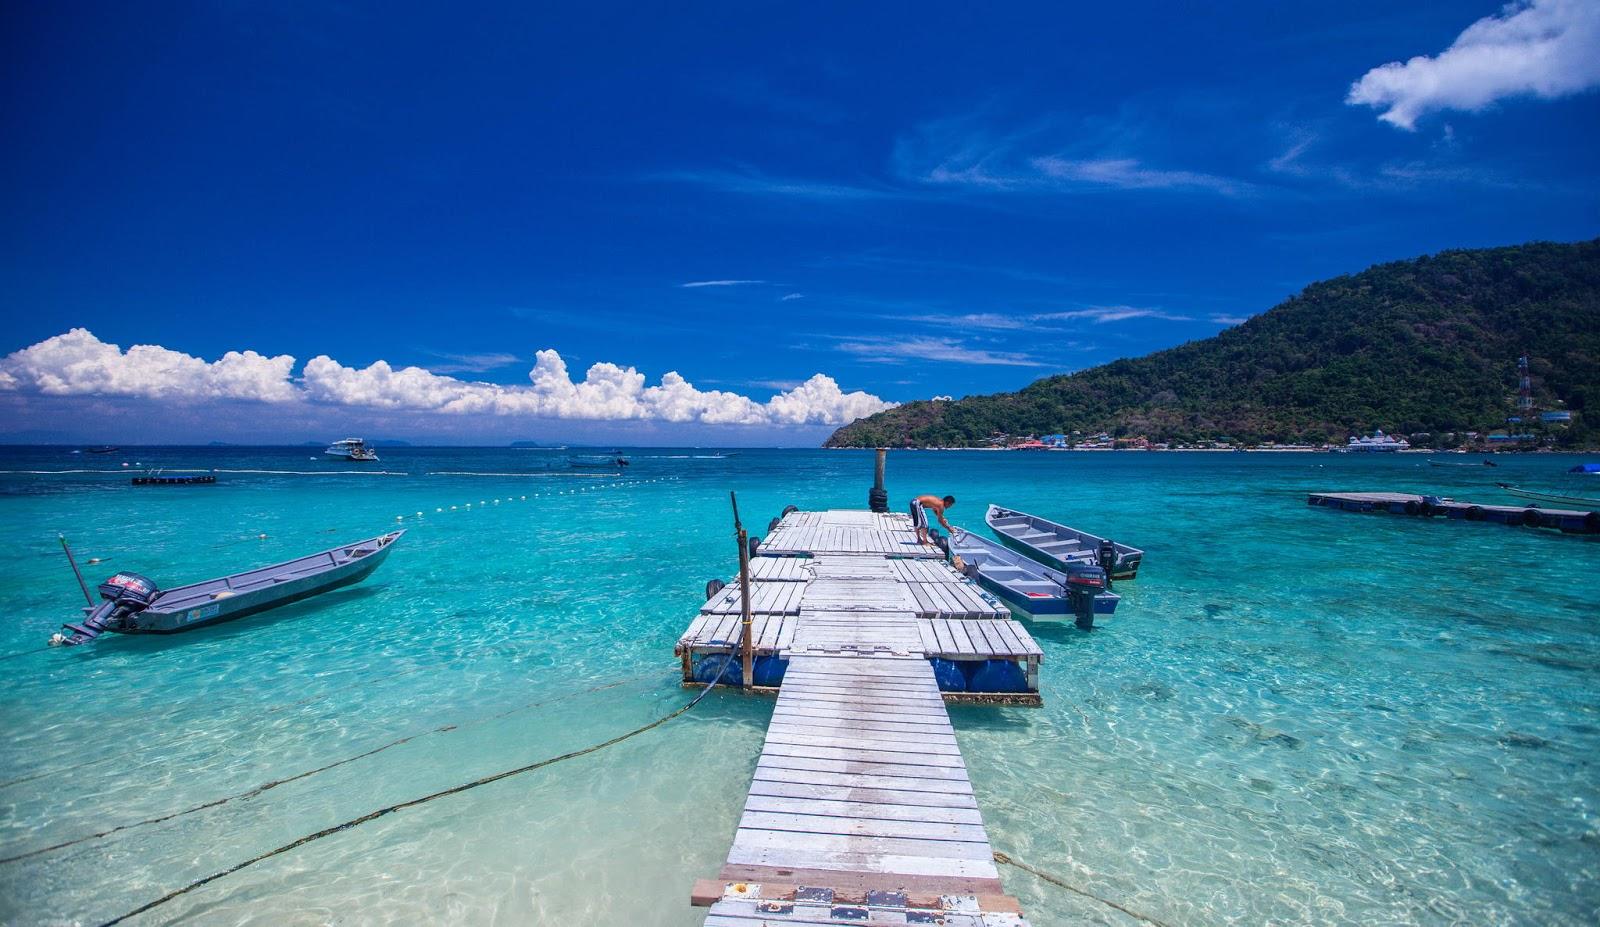 Bagi Anda Yang Kan Percutian U Di Malaysia Kami Pasti Perhentian Adalah Salah Satu Tempat Menarik Dan Sesuai Untuk Bercuti